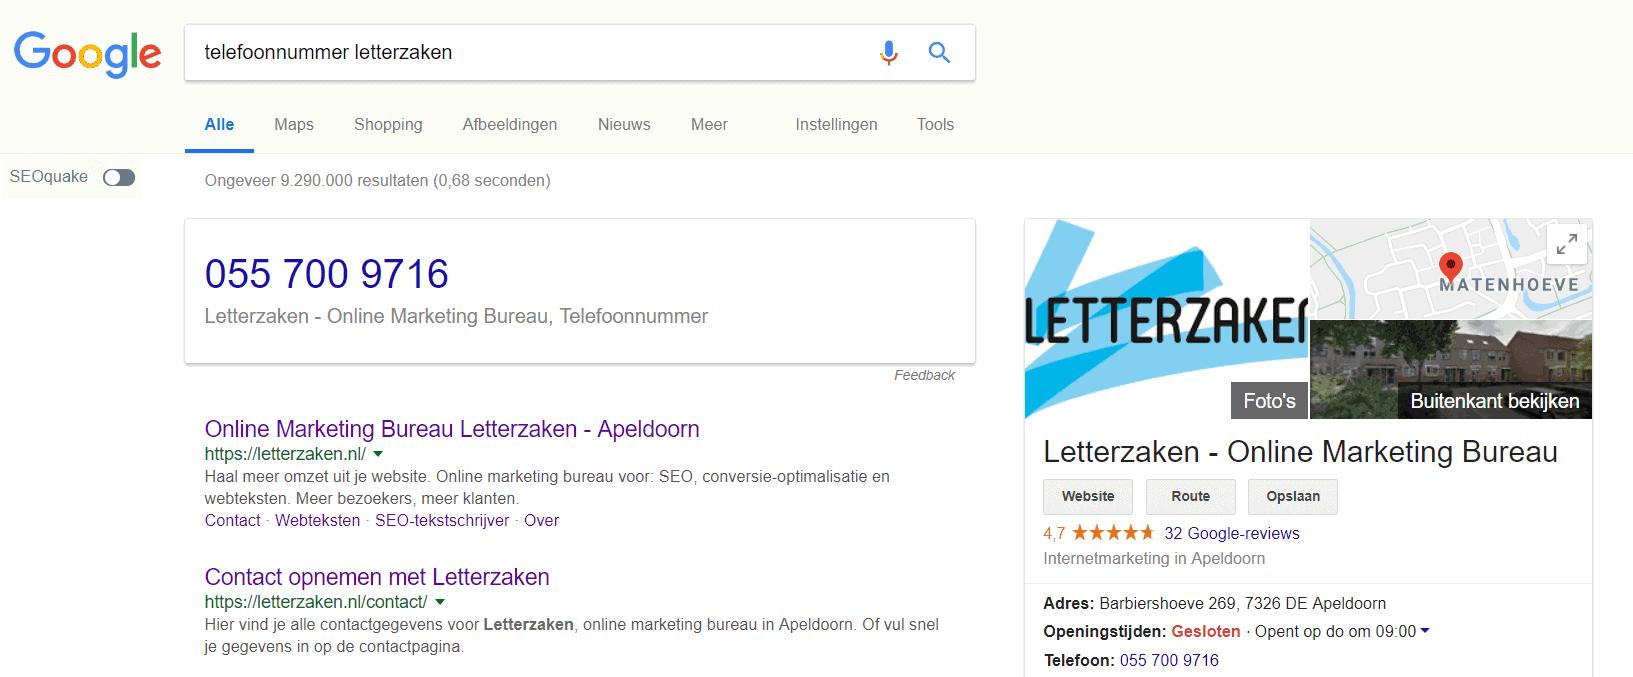 Zoekresultatenpagina voor zoekopdracht telefoonnummer letterzaken dankzij Google Mijn Bedrijf